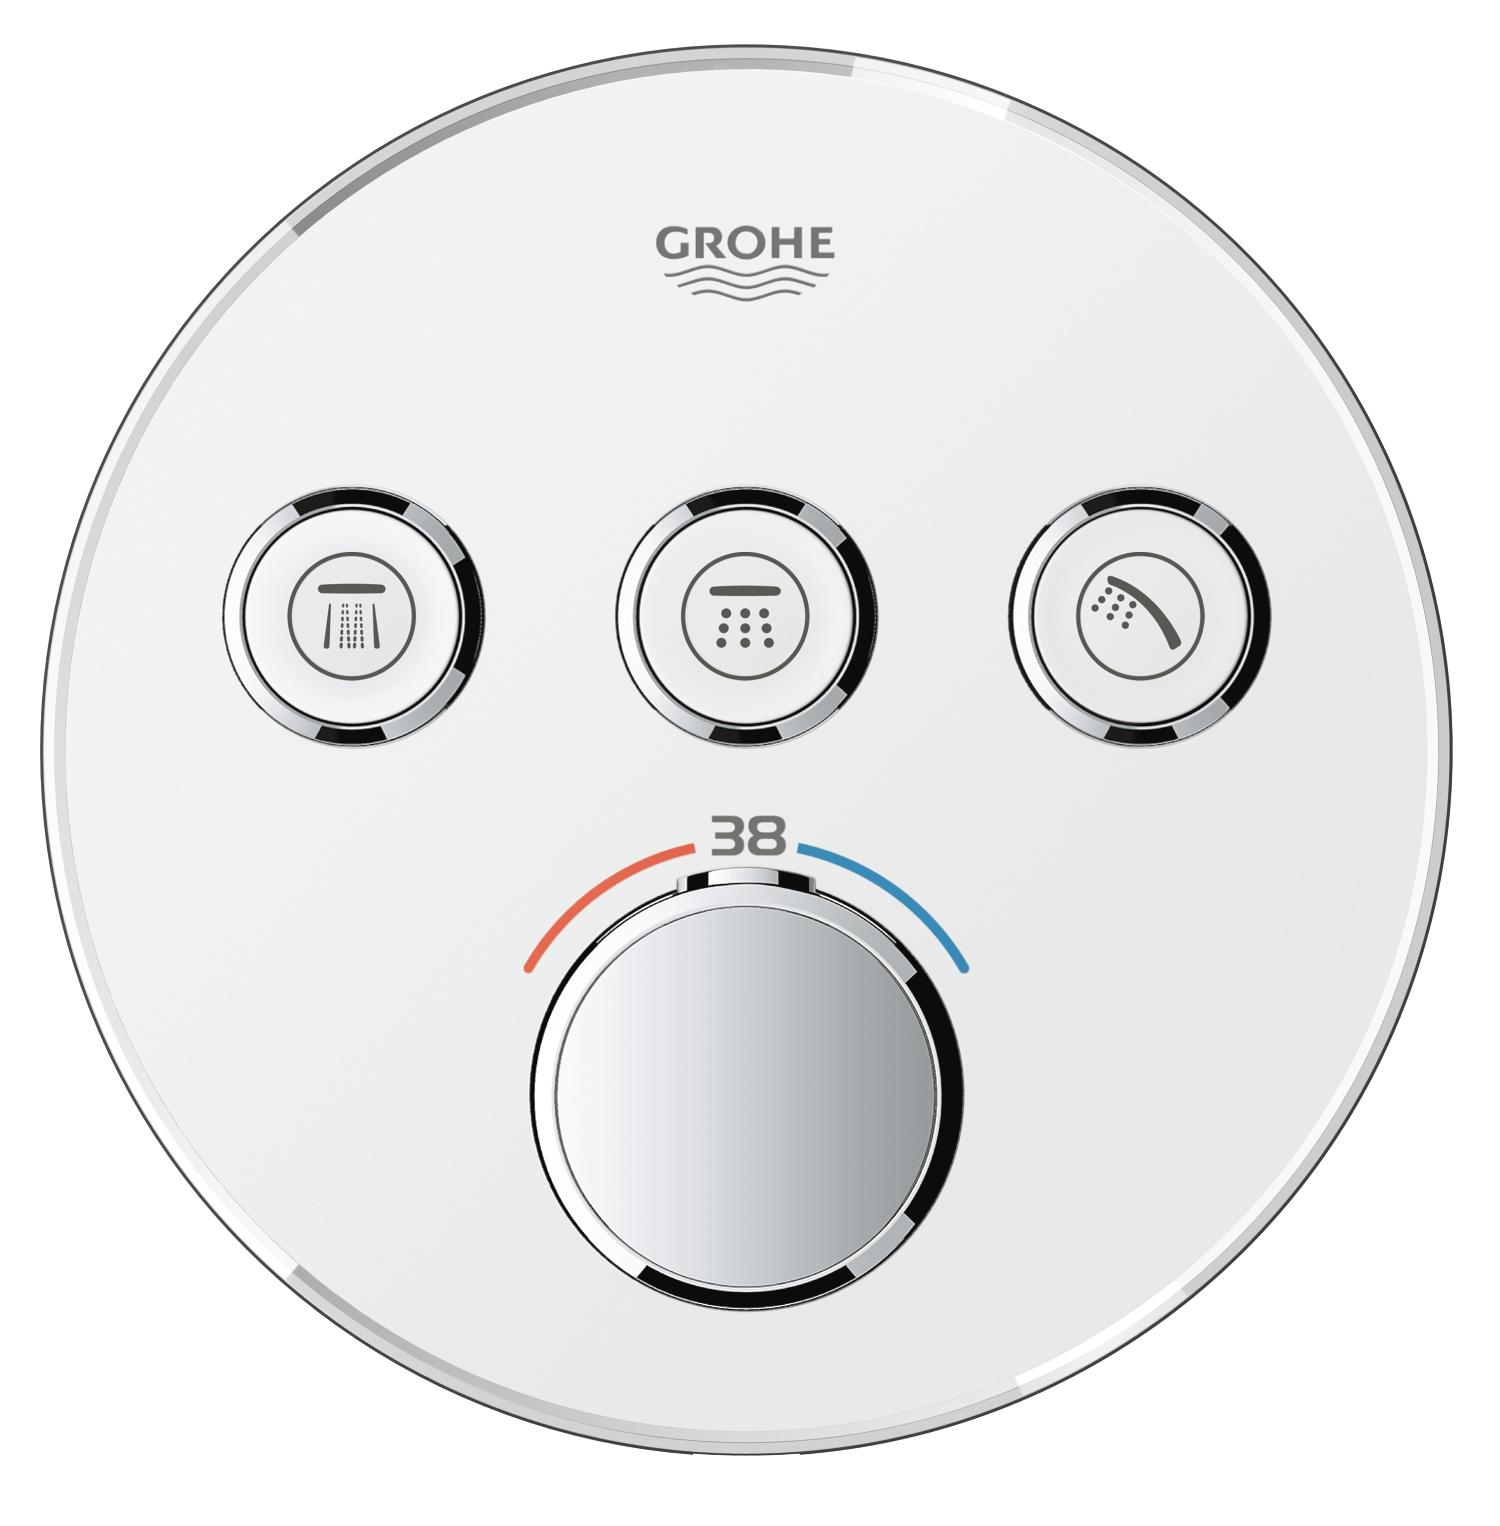 GROHE Grohtherm SmartControl - podtynkowa bateria termostatyczna do obsługi trzech wyjść wody 29904LS0